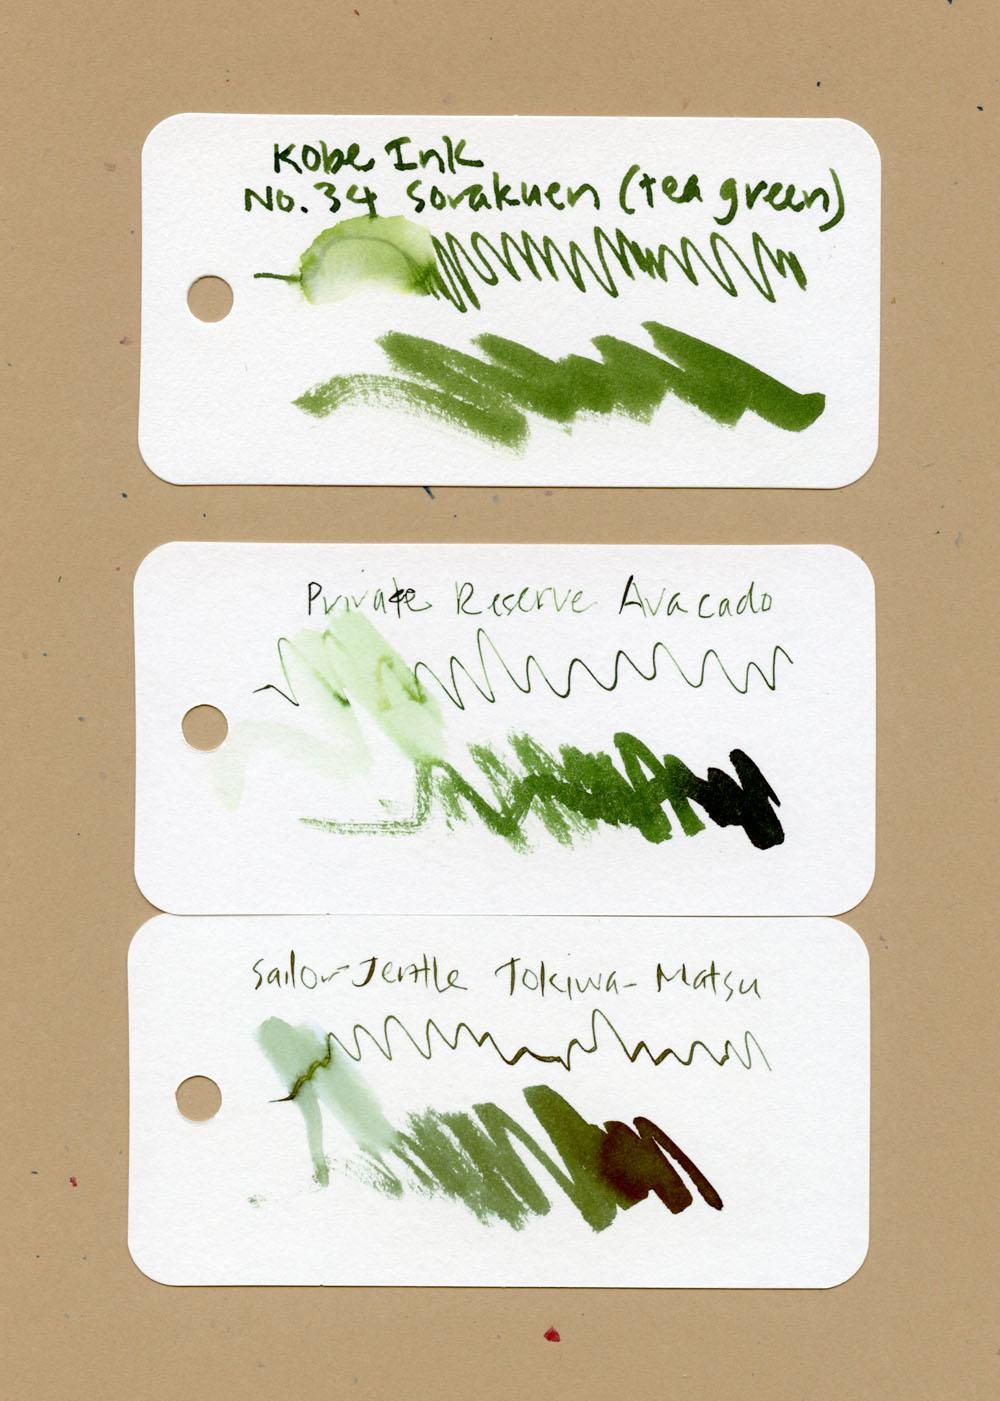 Sorakuen color comparisons